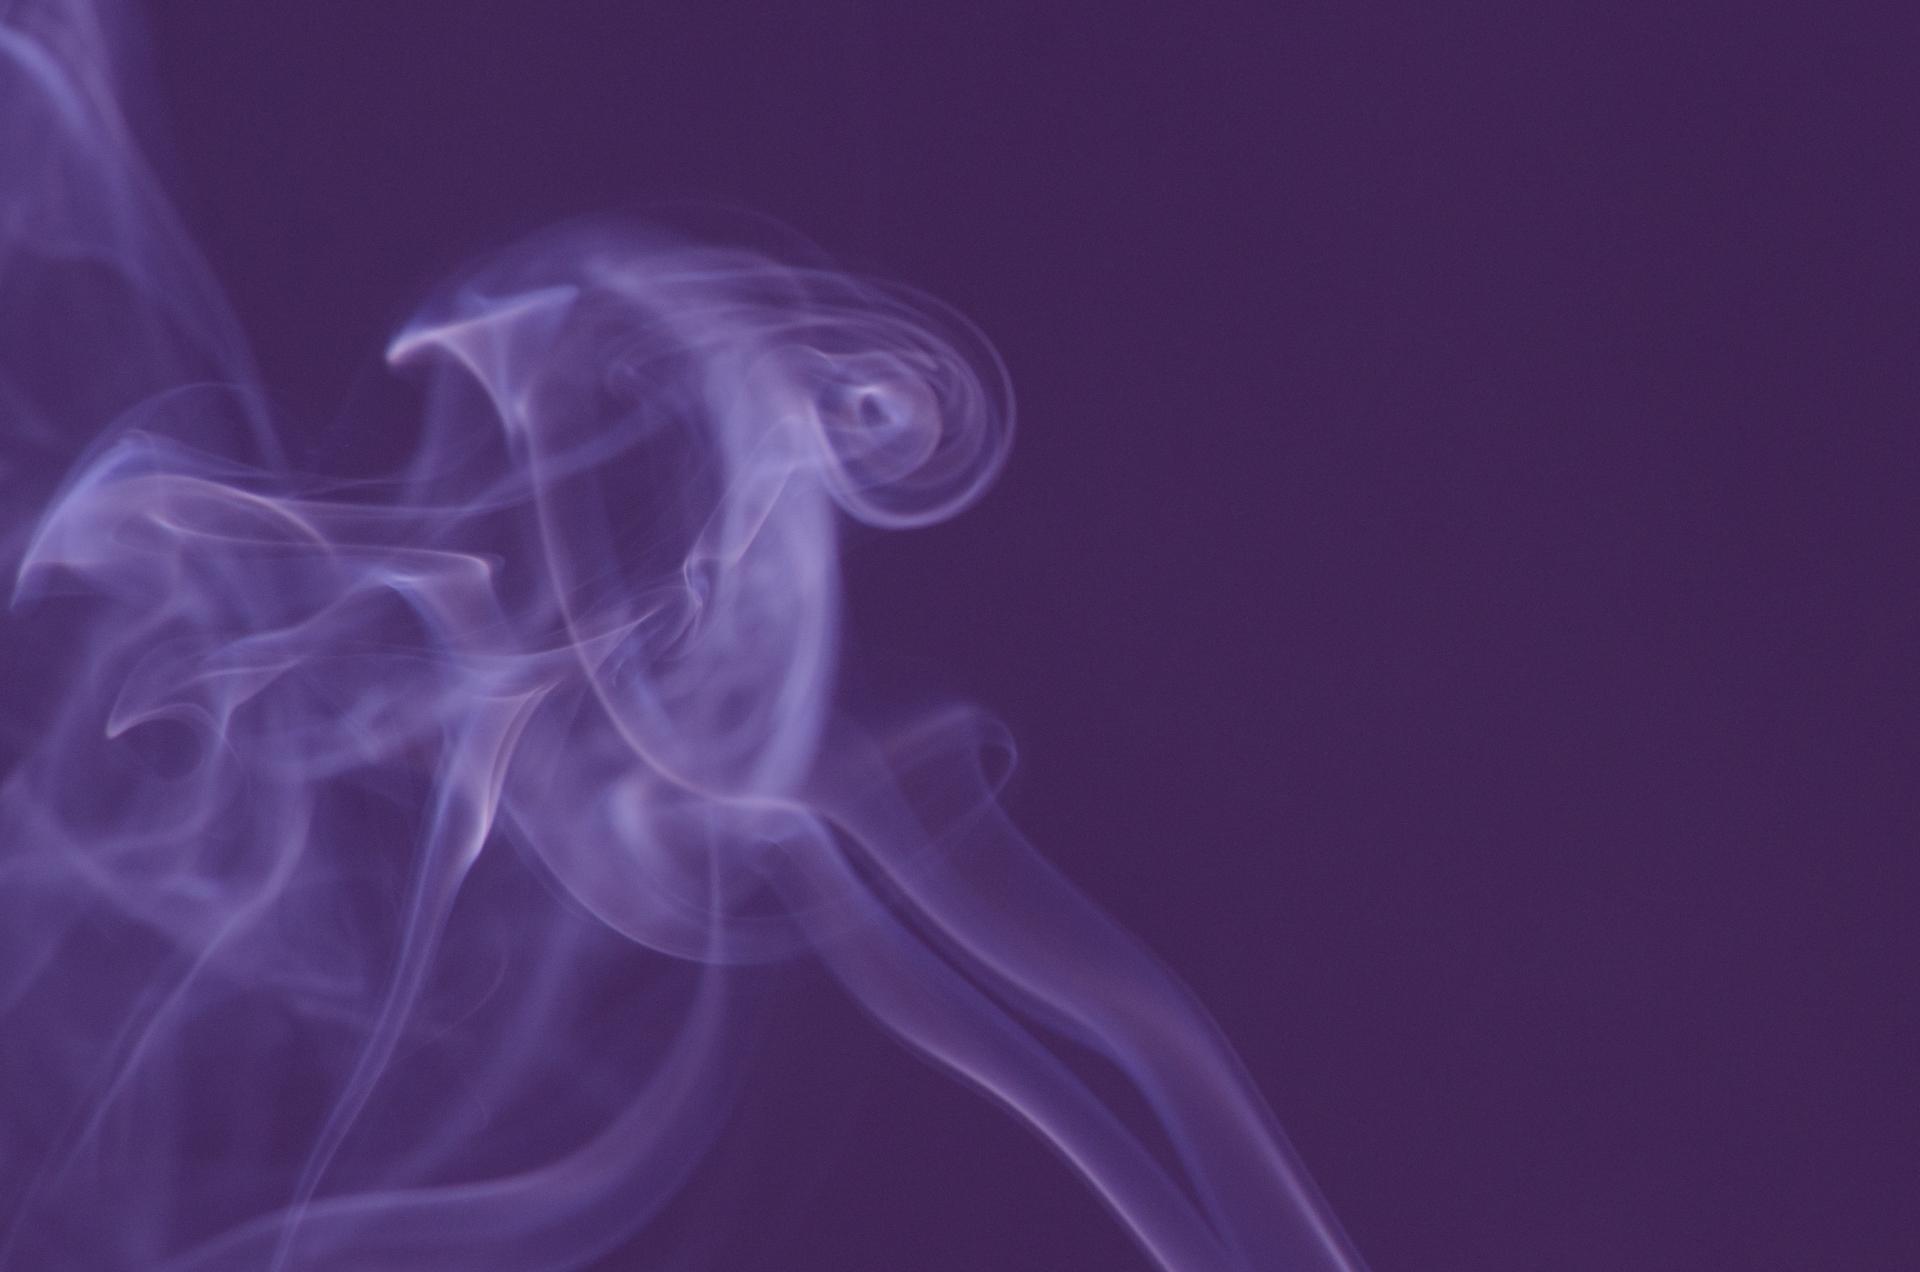 47041399939f6708815208dec042341b m タバコが髪に与える影響は?やっぱり辞めた方がいいの?